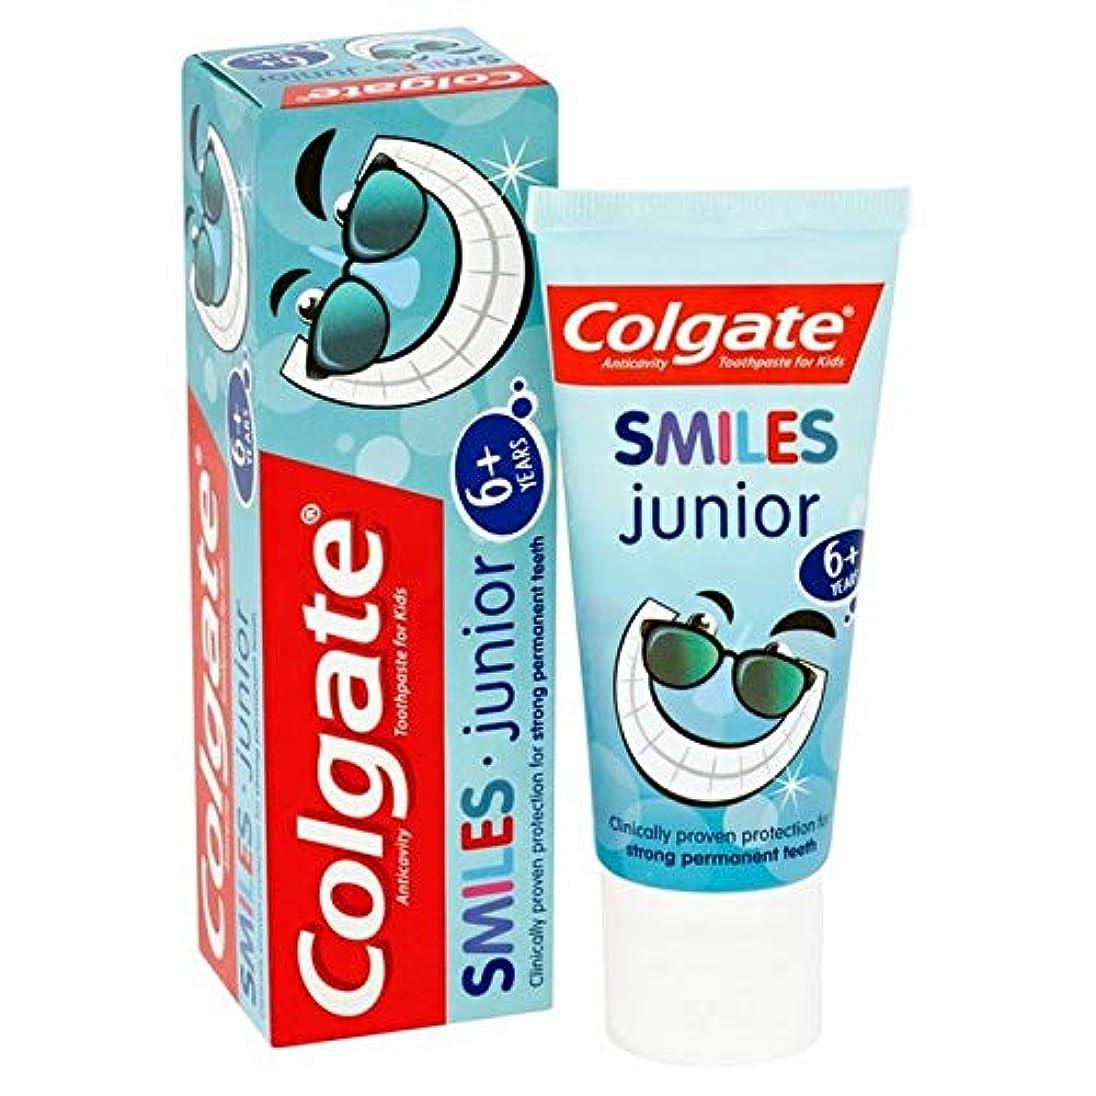 ビット一瞬一次[Colgate ] コルゲートは、ジュニア6+年の歯磨き粉50ミリリットルを笑顔 - Colgate Smiles Junior 6+ years Toothpaste 50ml [並行輸入品]